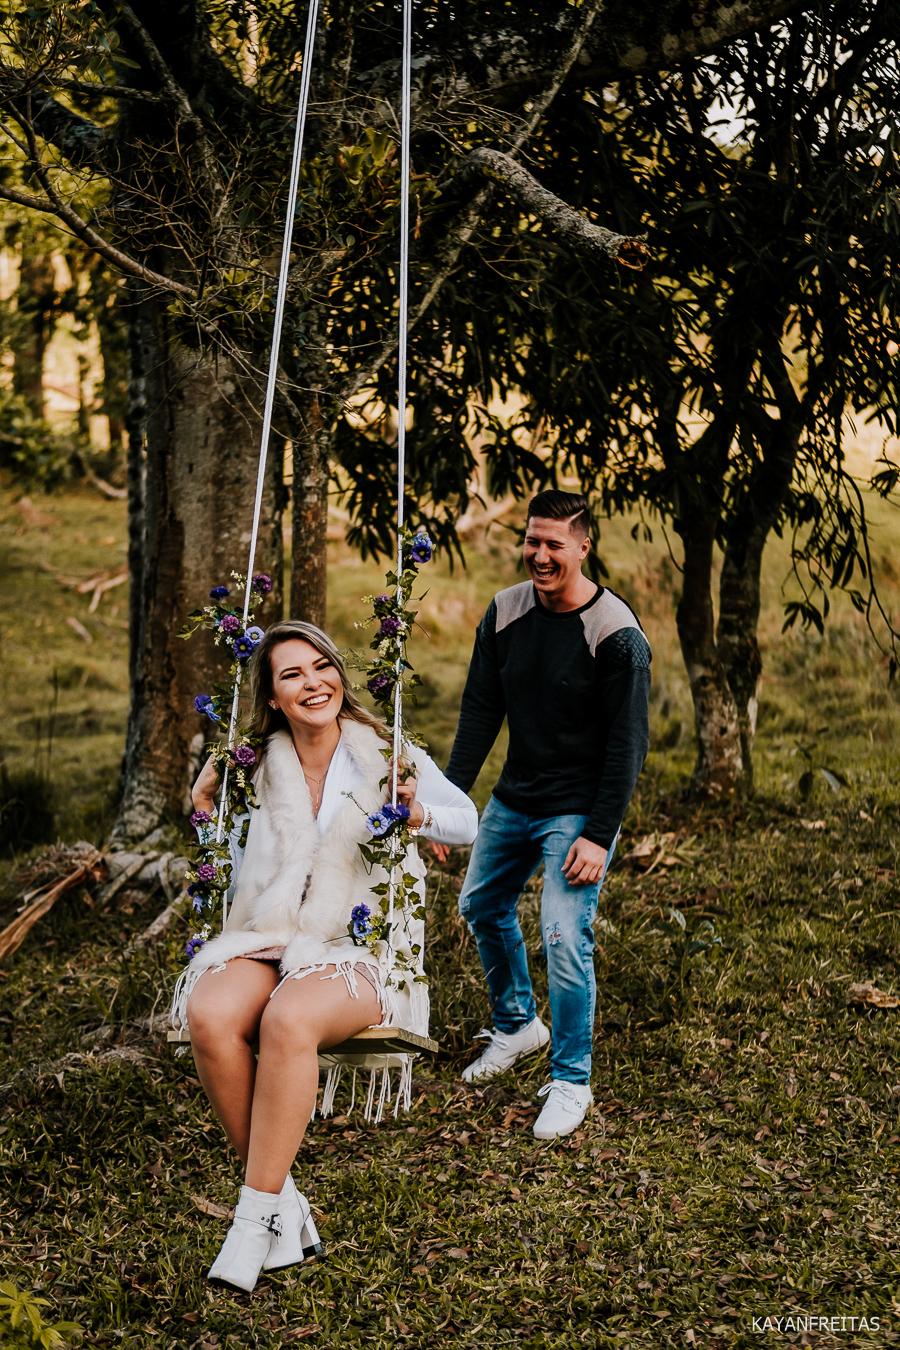 pre-casamento-fazenda-floripa-0030 Sessão pré casamento Tainara e Marcos - Tijucas / SC